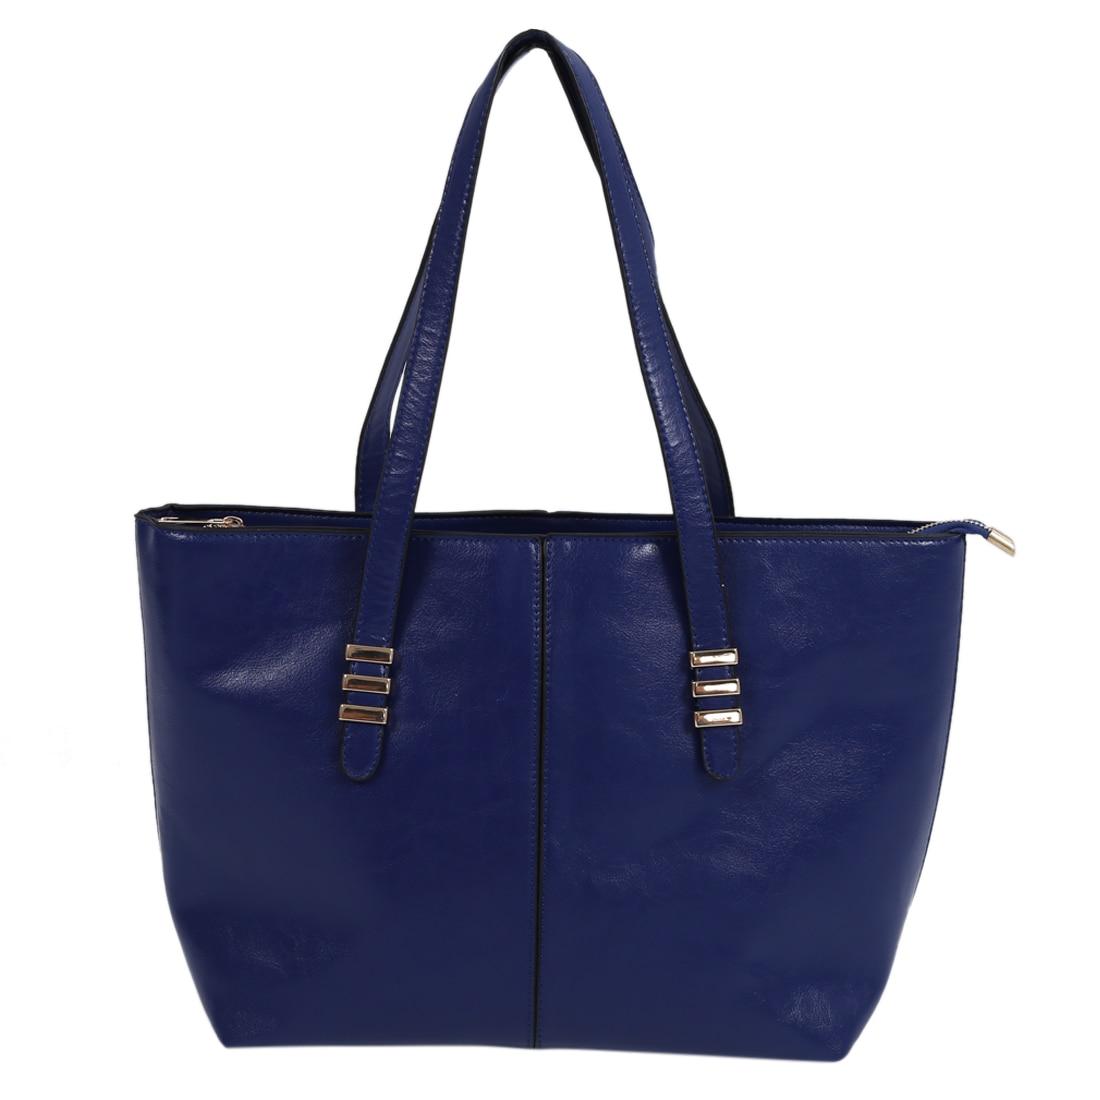 2015 Neue Förderung Frauen Pu Leder Handtasche Taschen Mode Frauen Schulter Tasche Große Tasche-tiefe Blau Herausragende Eigenschaften